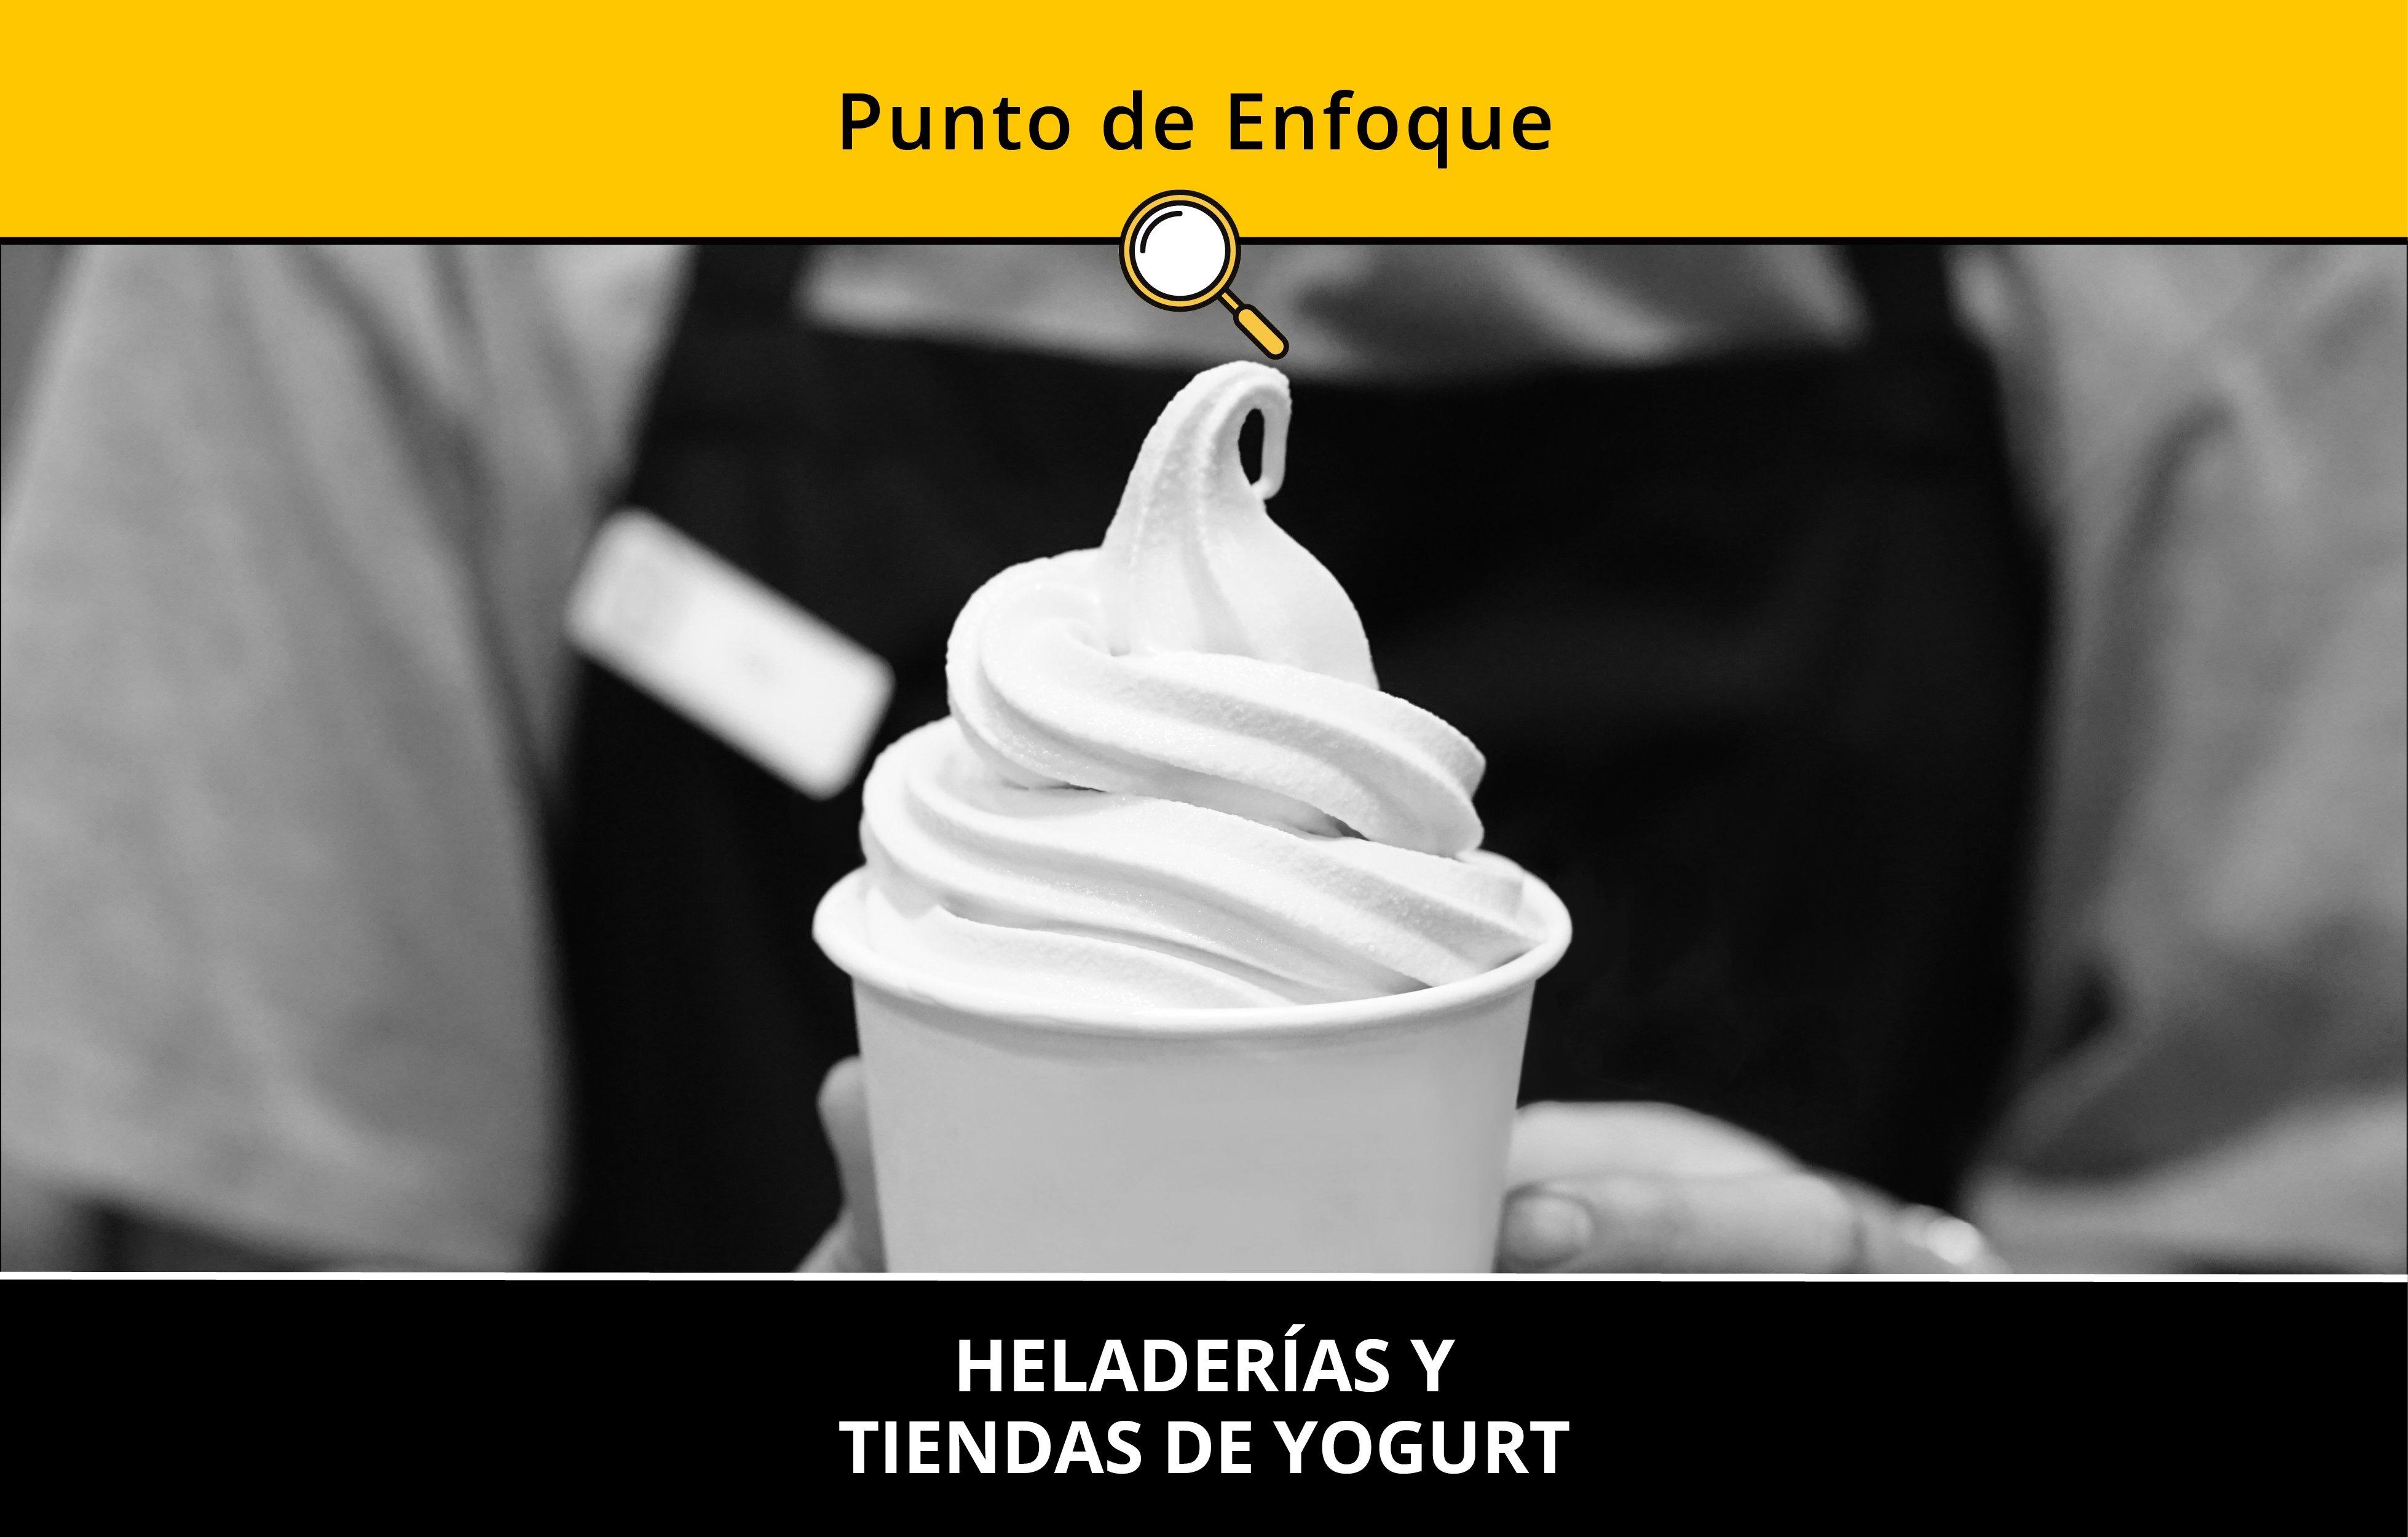 Heladerías y tiendas de yogurt